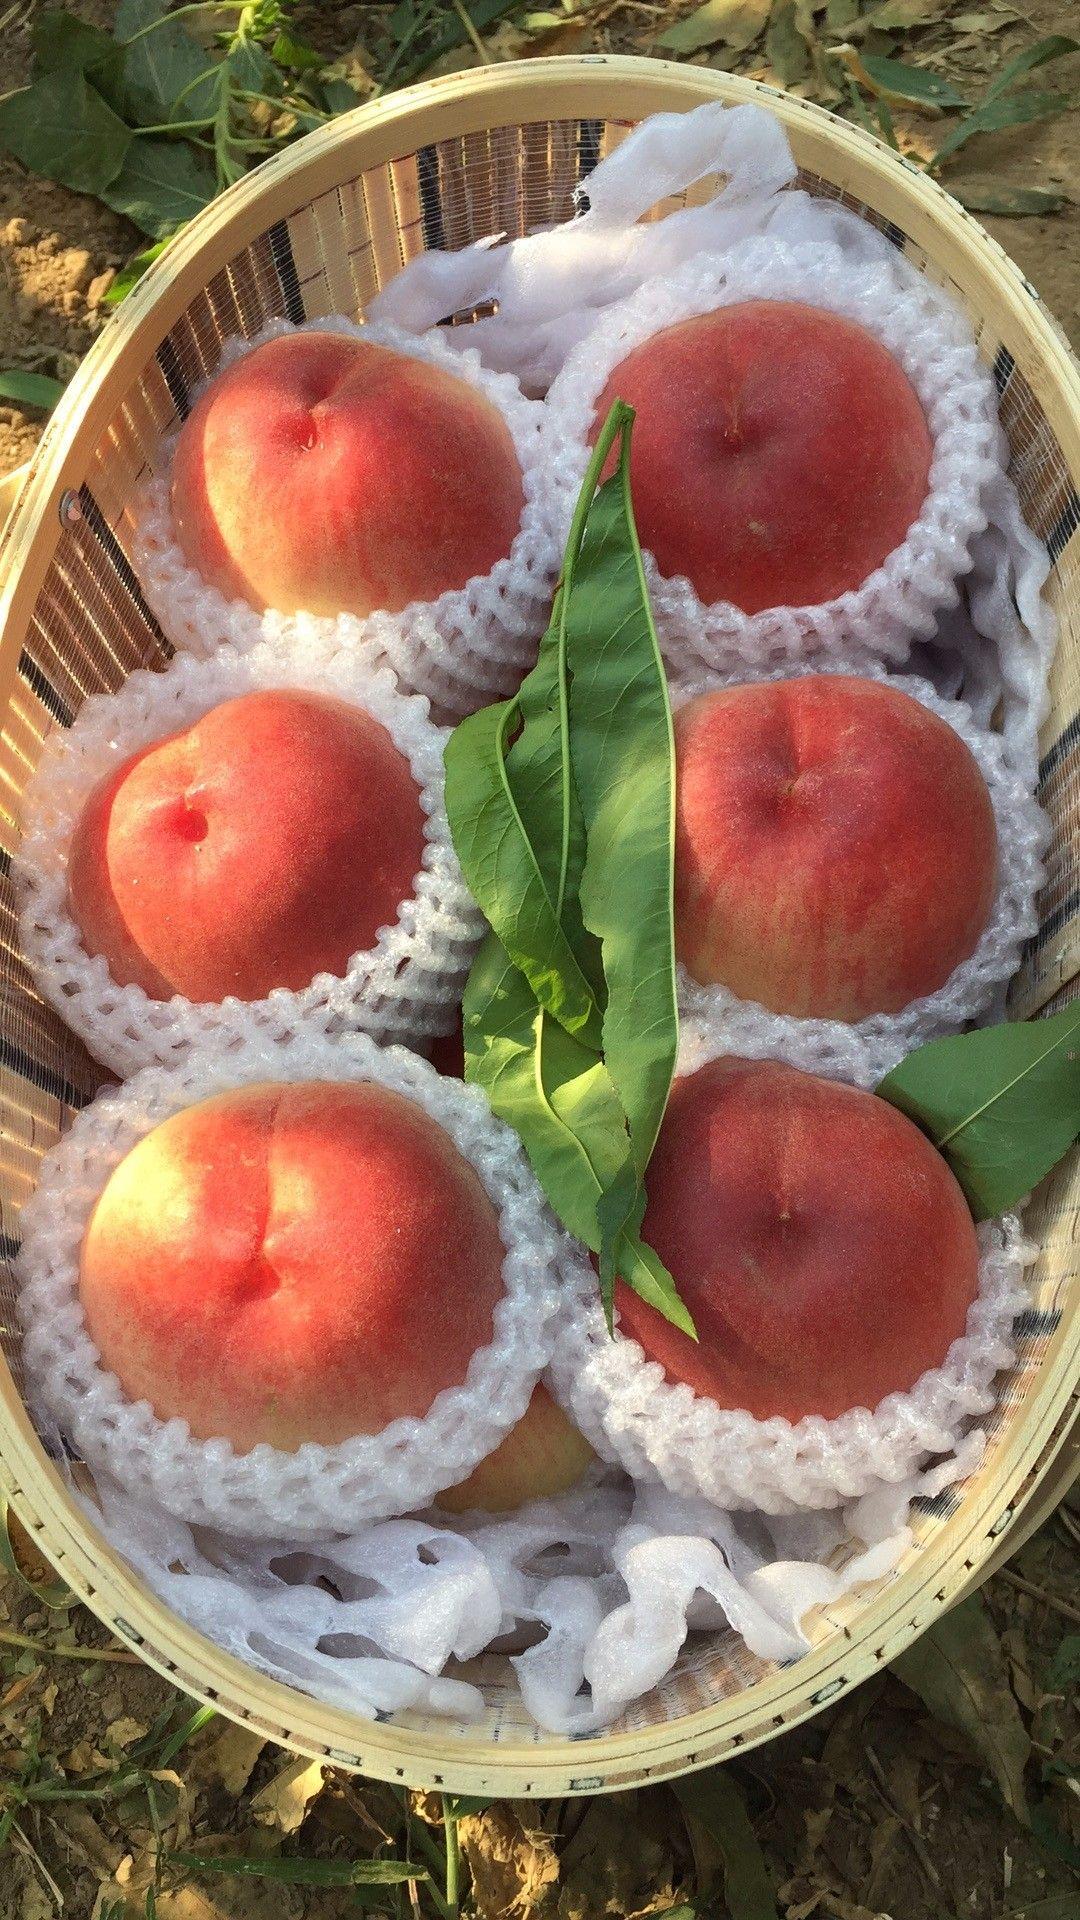 稚名桃子全部图片